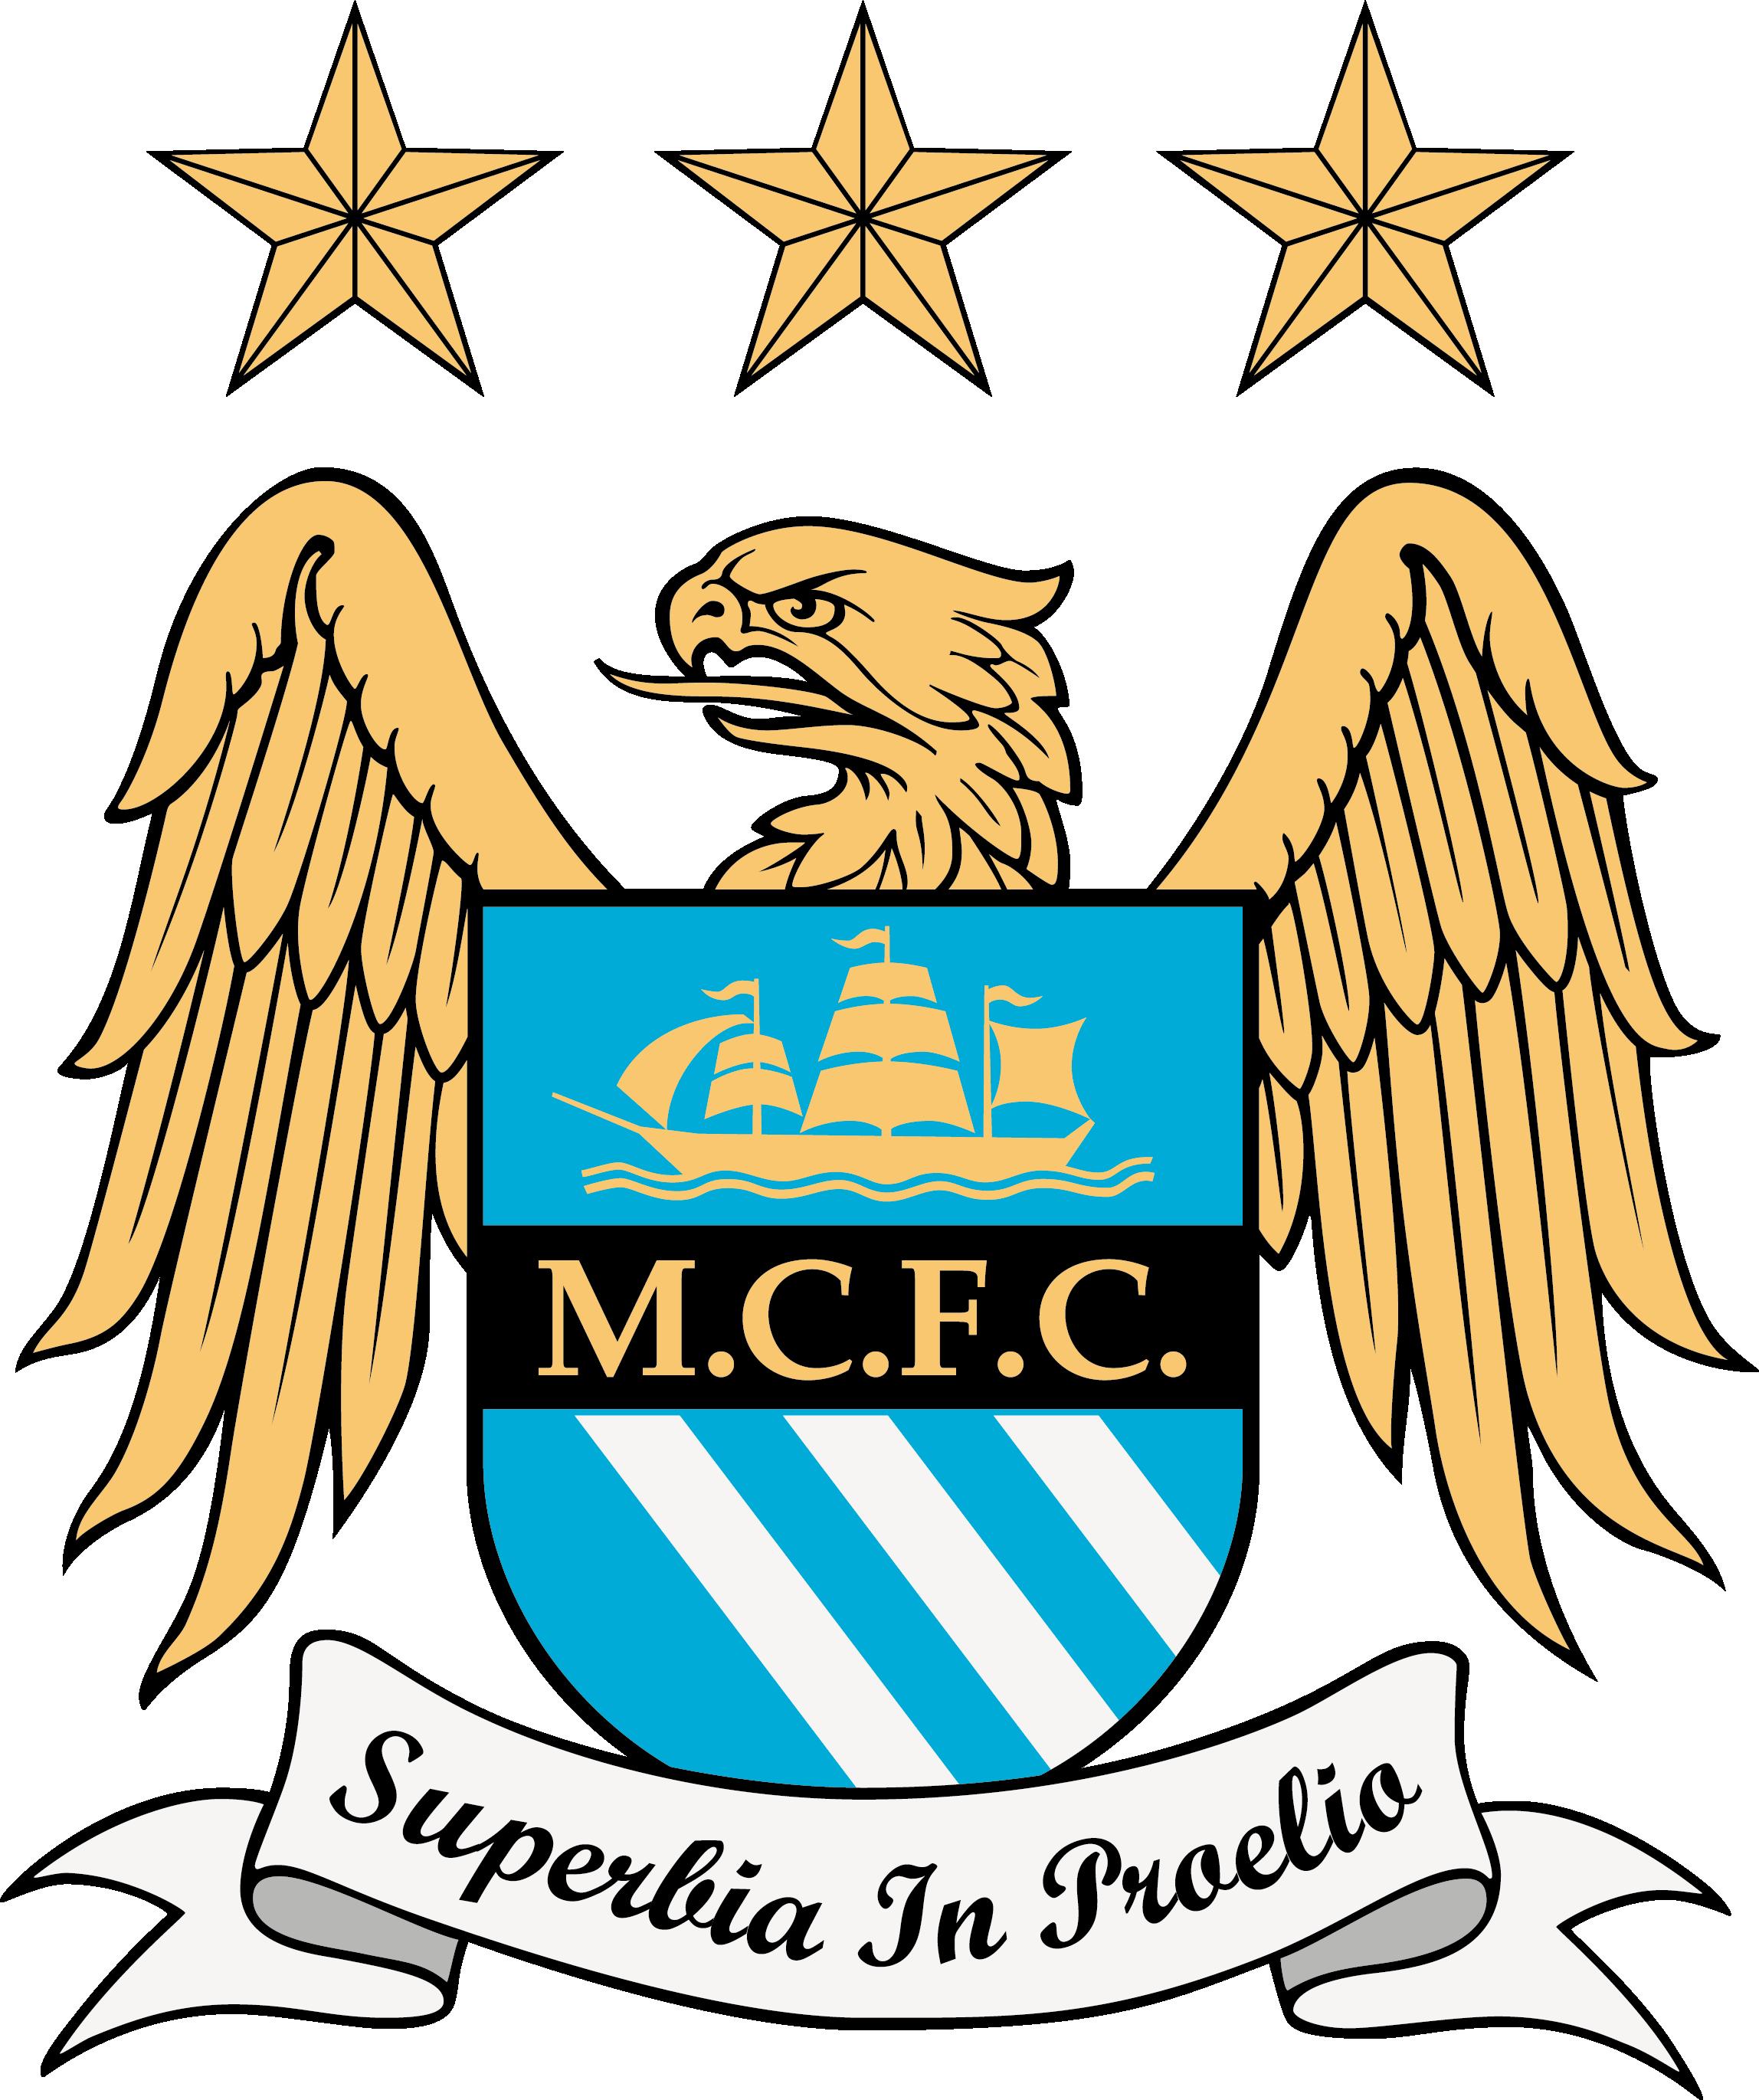 Manchester City Manchester City Equipo De Futbol Escudo De Independiente